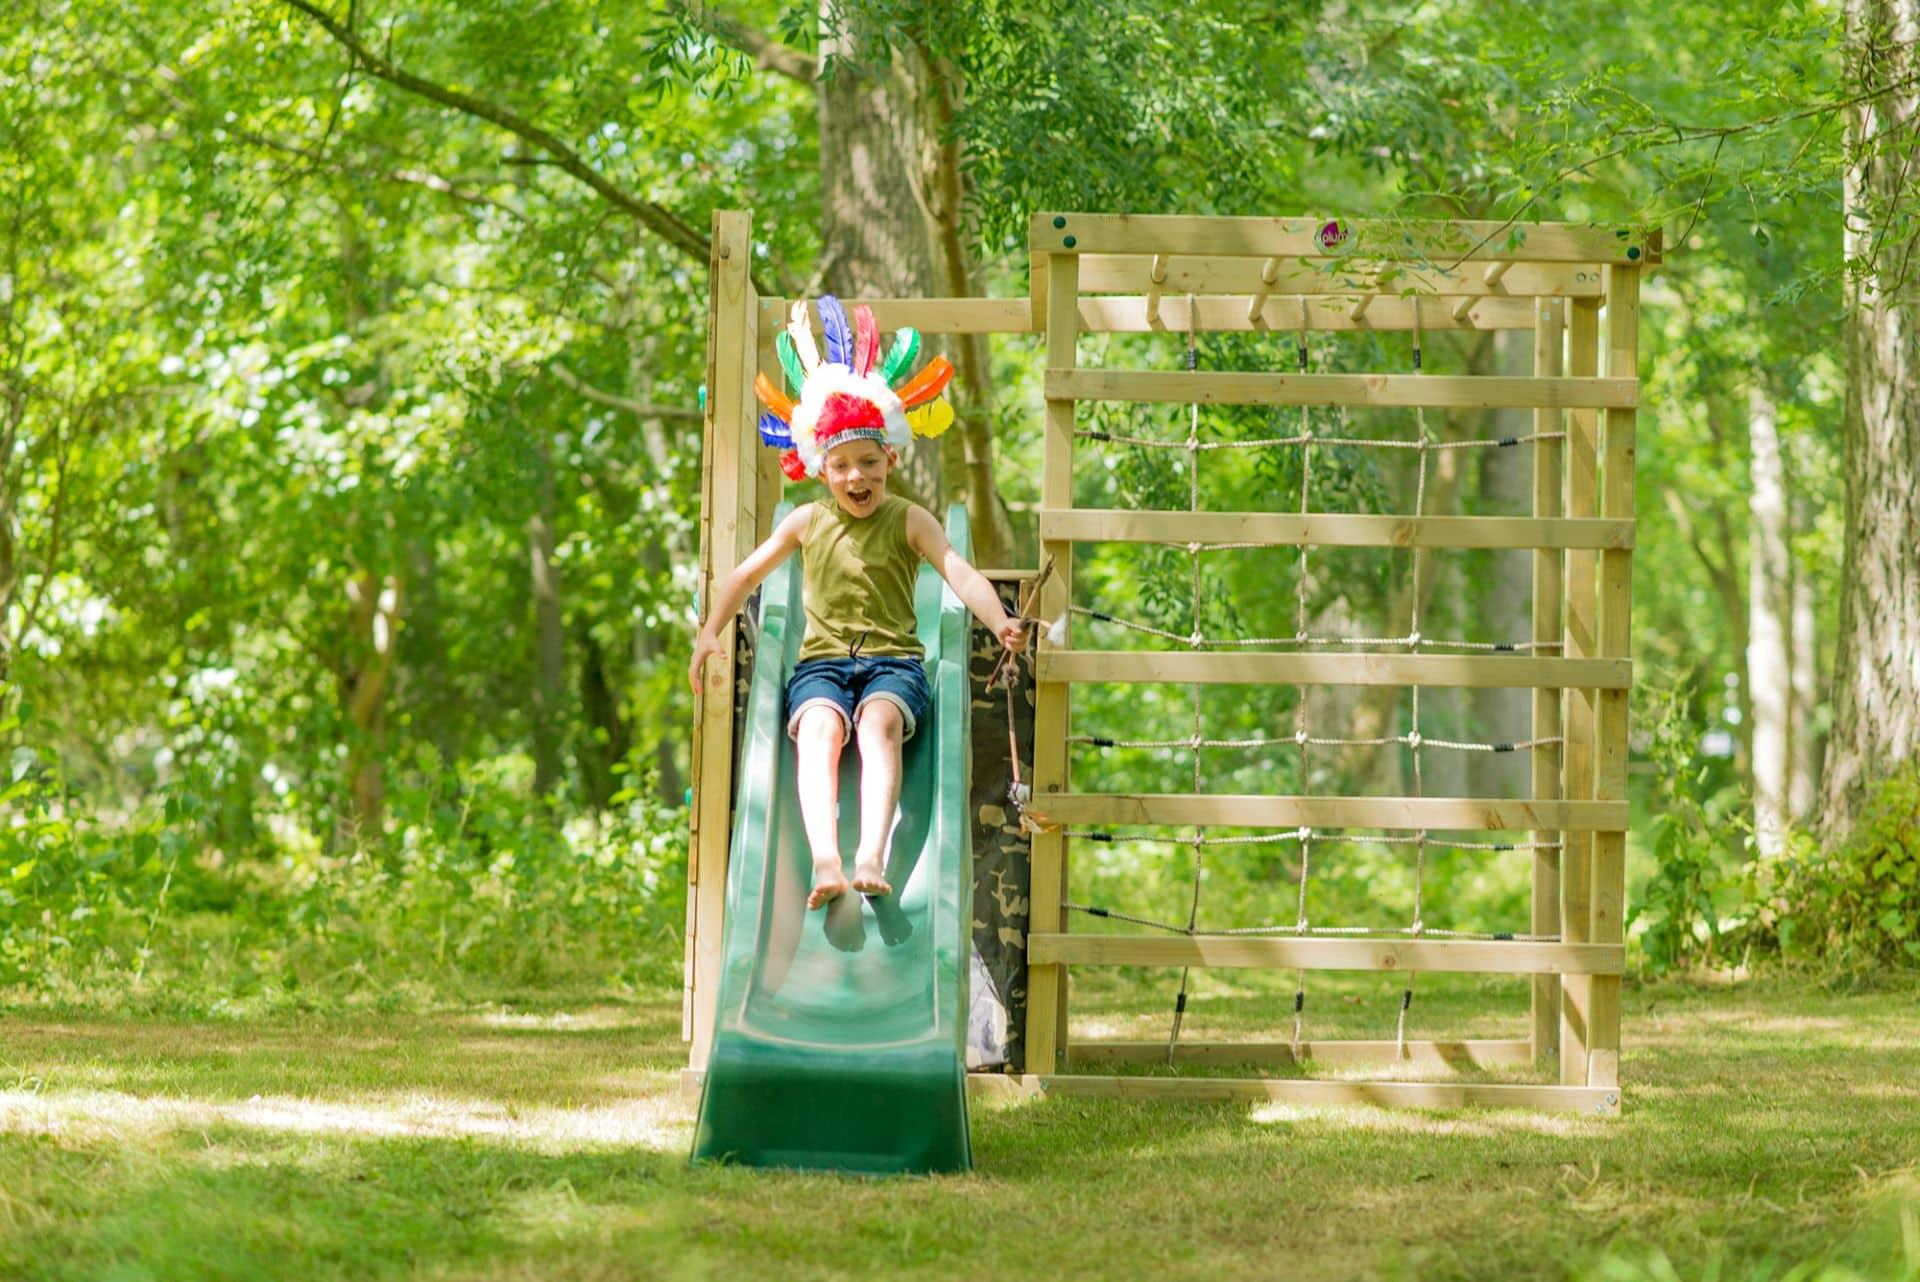 Klettergerüst bietet Kindern viele Spielmöglichkeiten